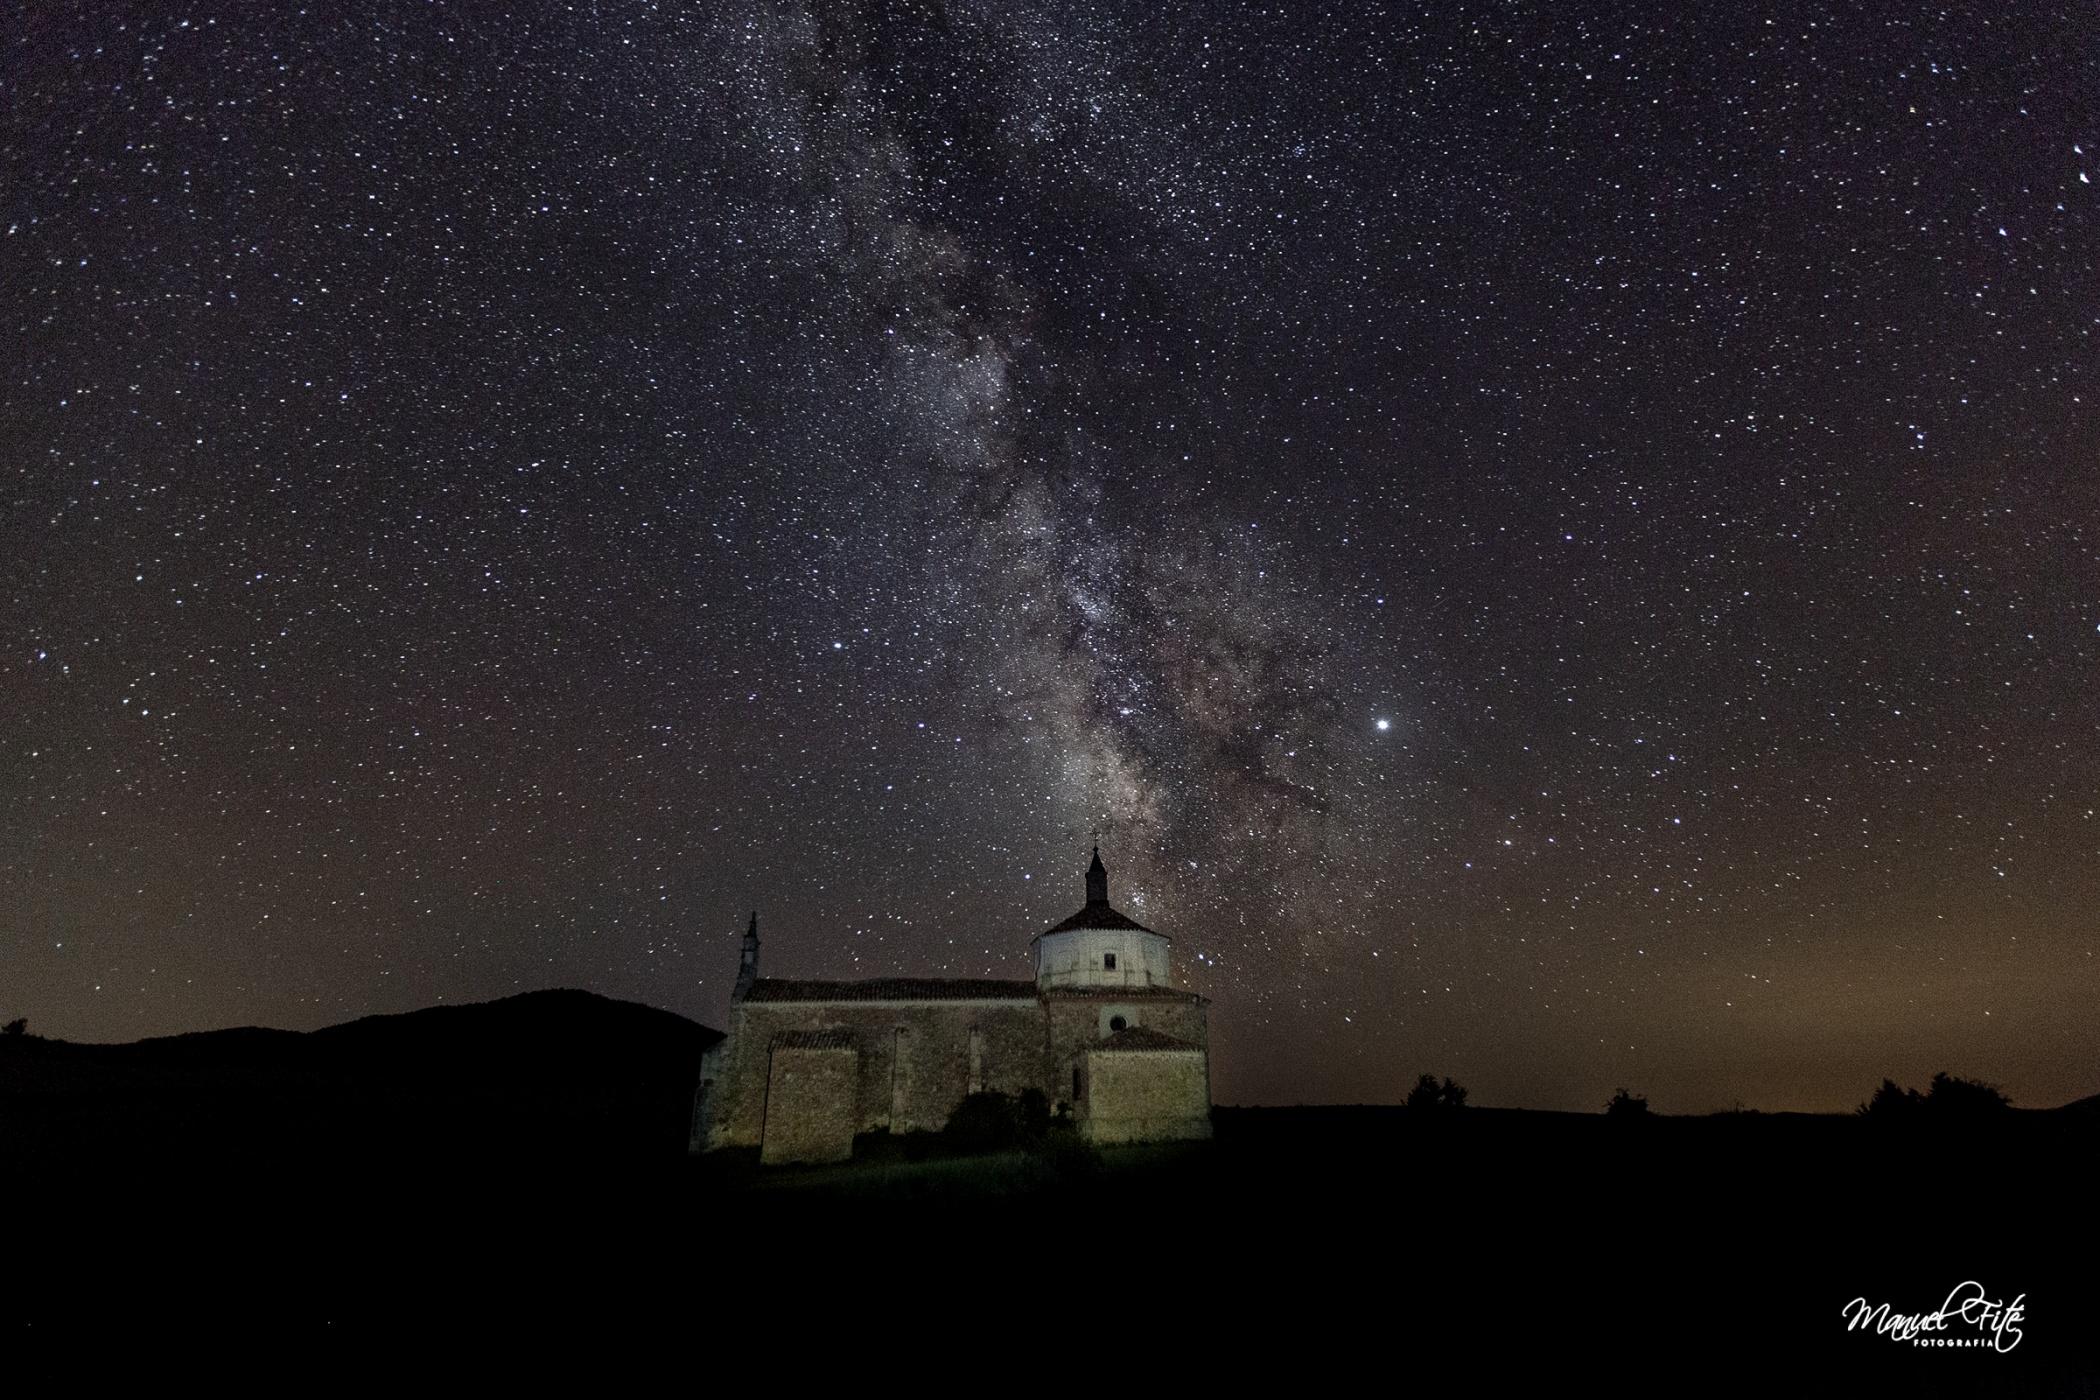 estrellas - Manuel Fité, Fotografía